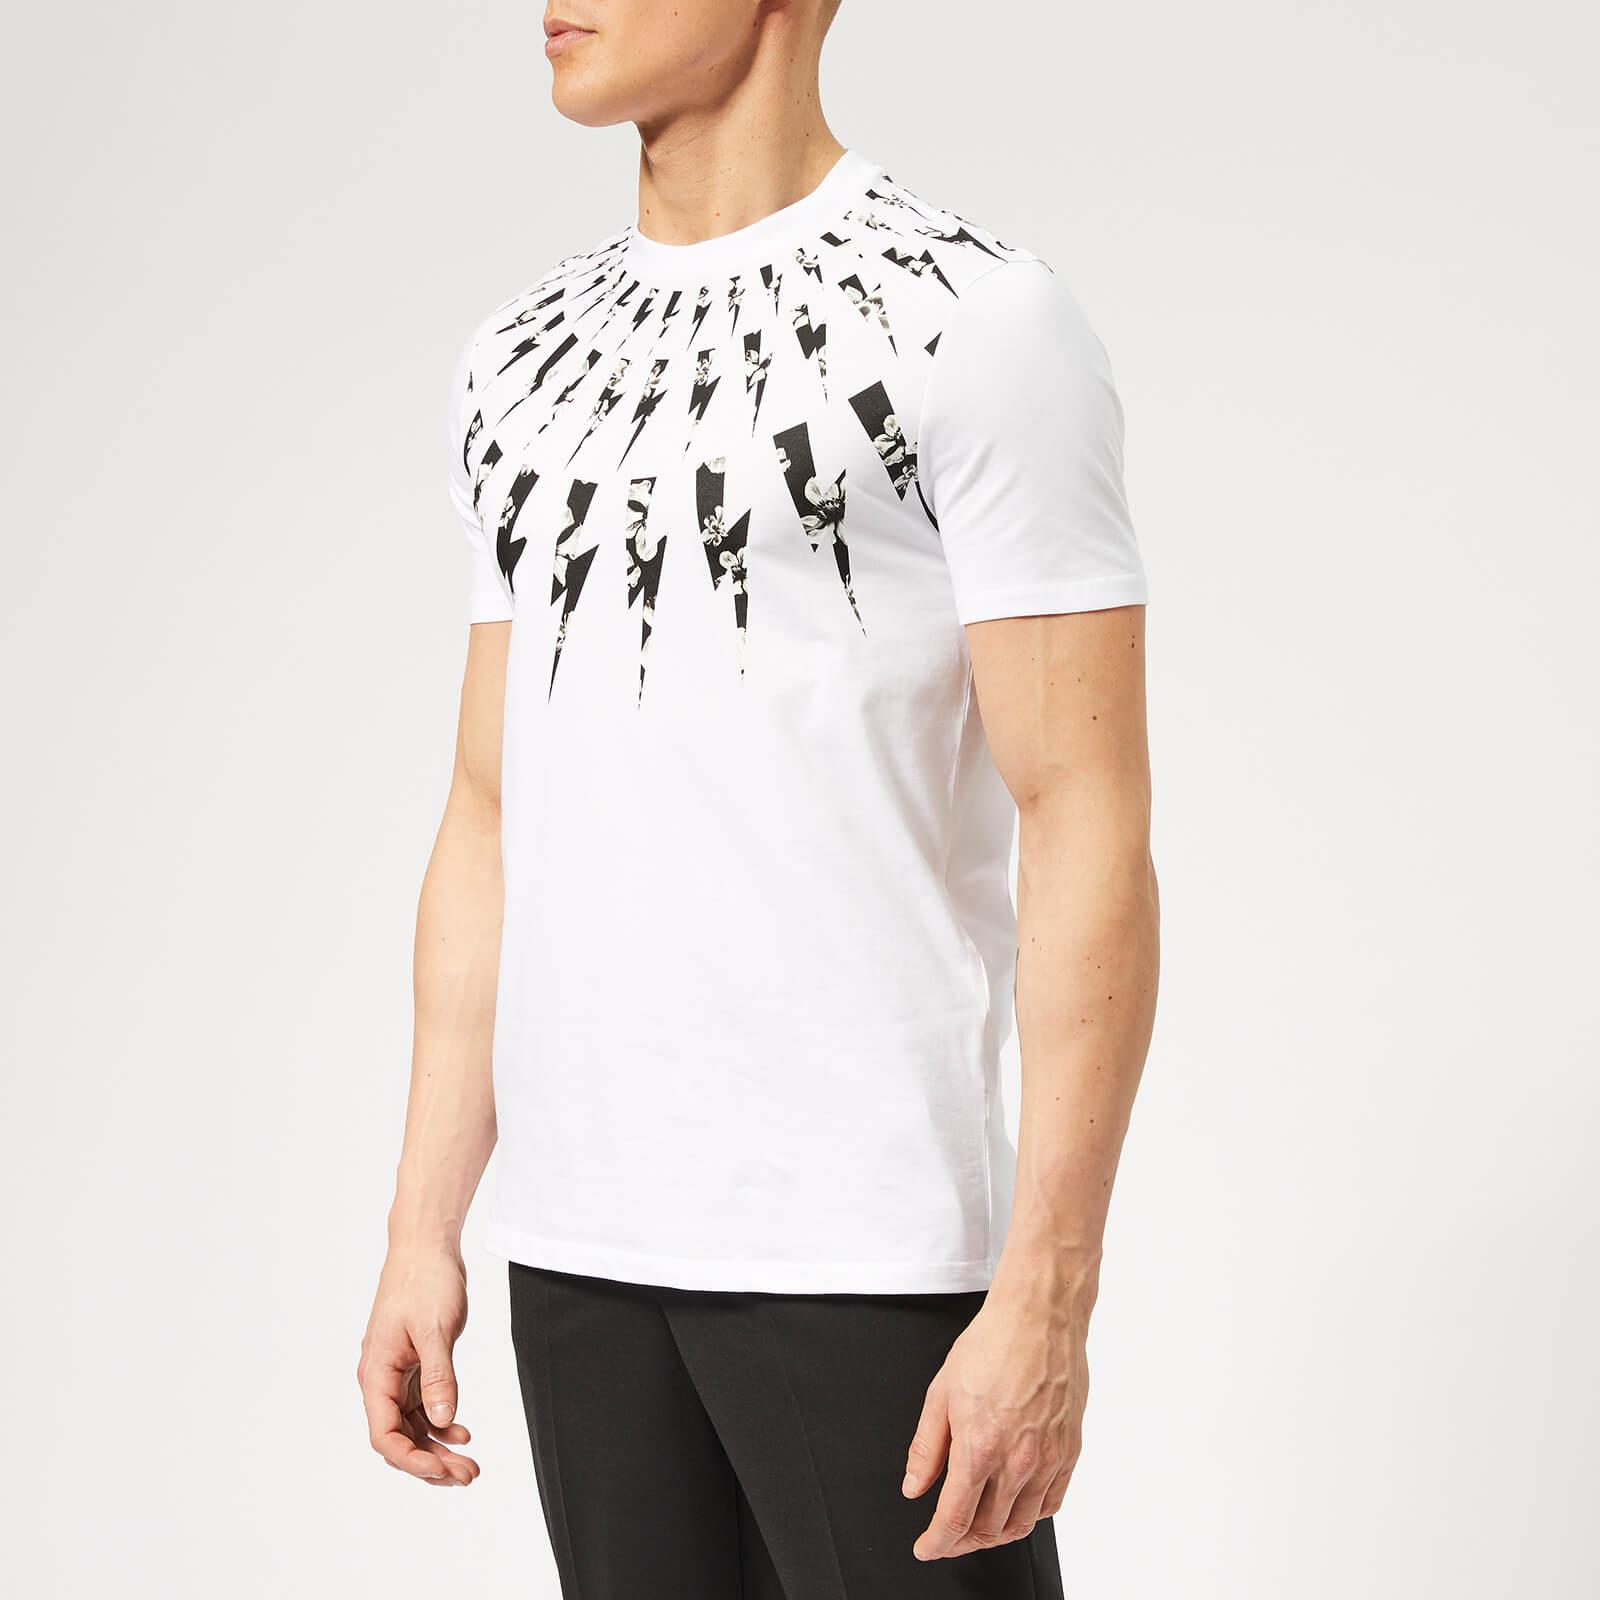 855b29ad Neil Barrett Men's Fairisle Floral Lightning Bolt T-Shirt - White - Free UK  Delivery over £50